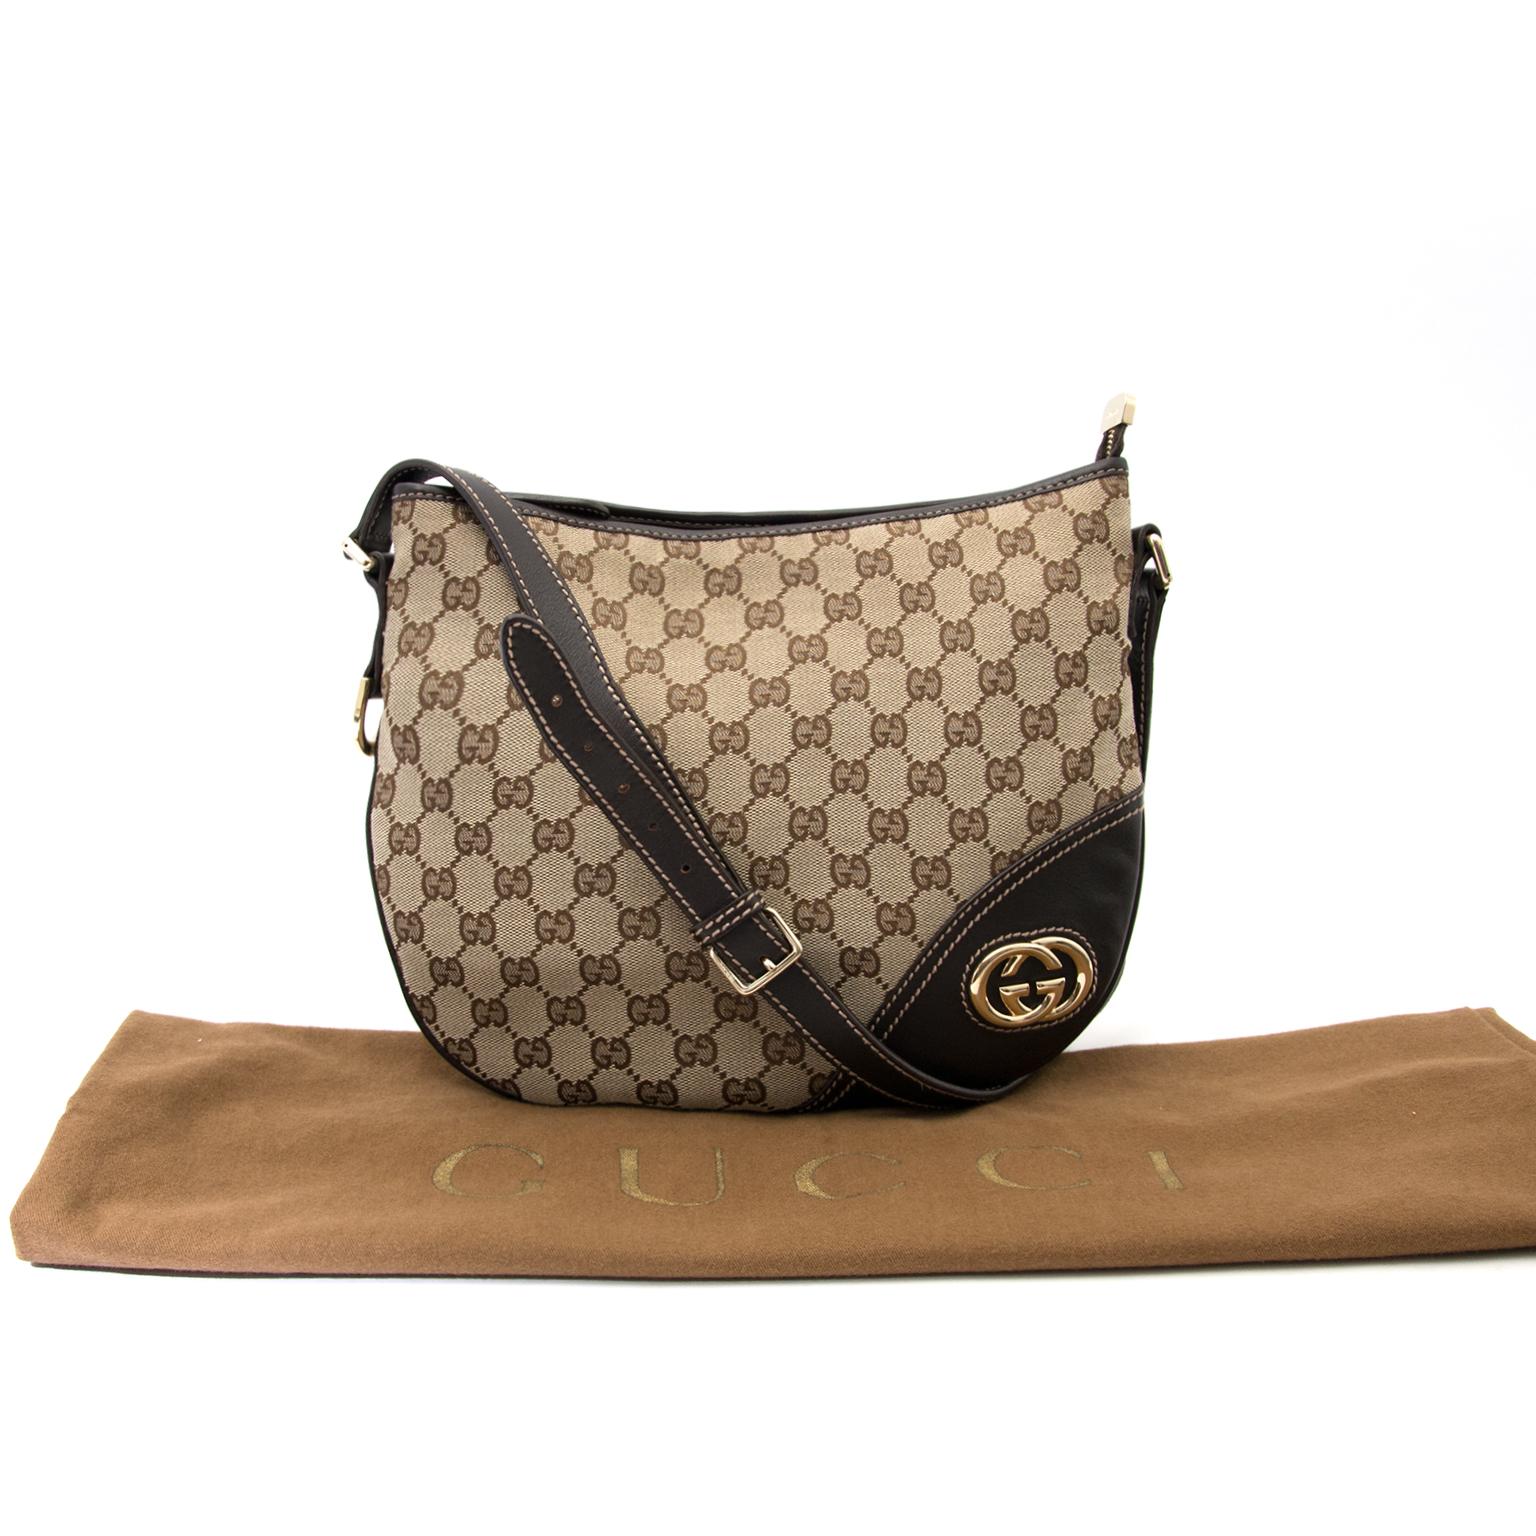 Koop nu veilig een echt Gucci monogram cross body op www.labellov.com